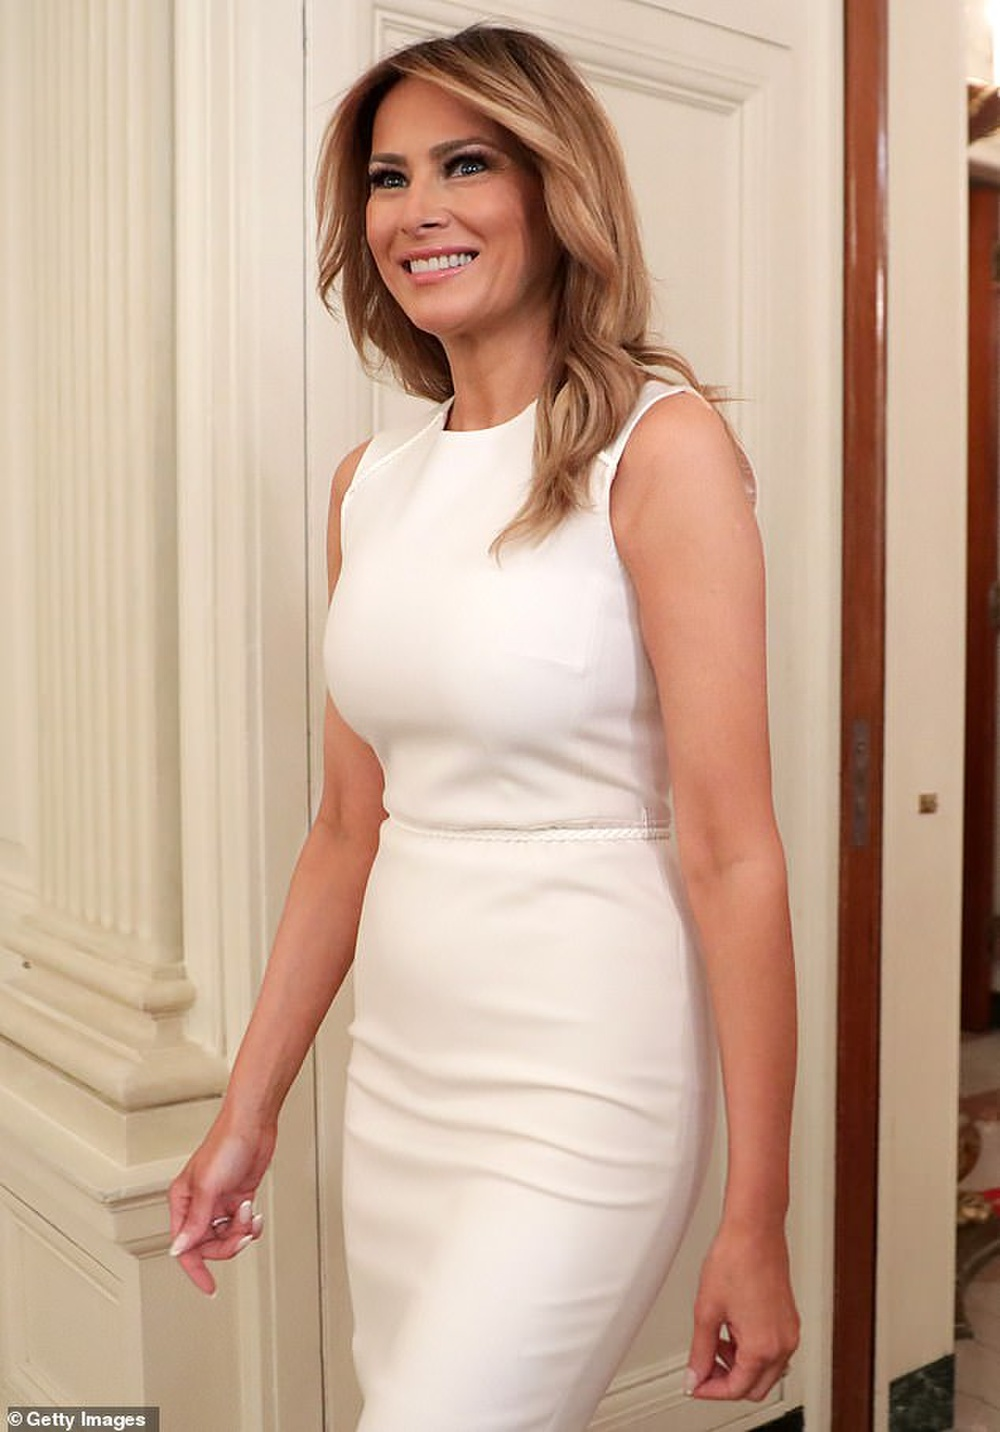 Đệ nhất phu nhân Mỹ Melania Trump cứ diện váy trắng tinh khôi là nhận được vô vàn lời khen Ảnh 1